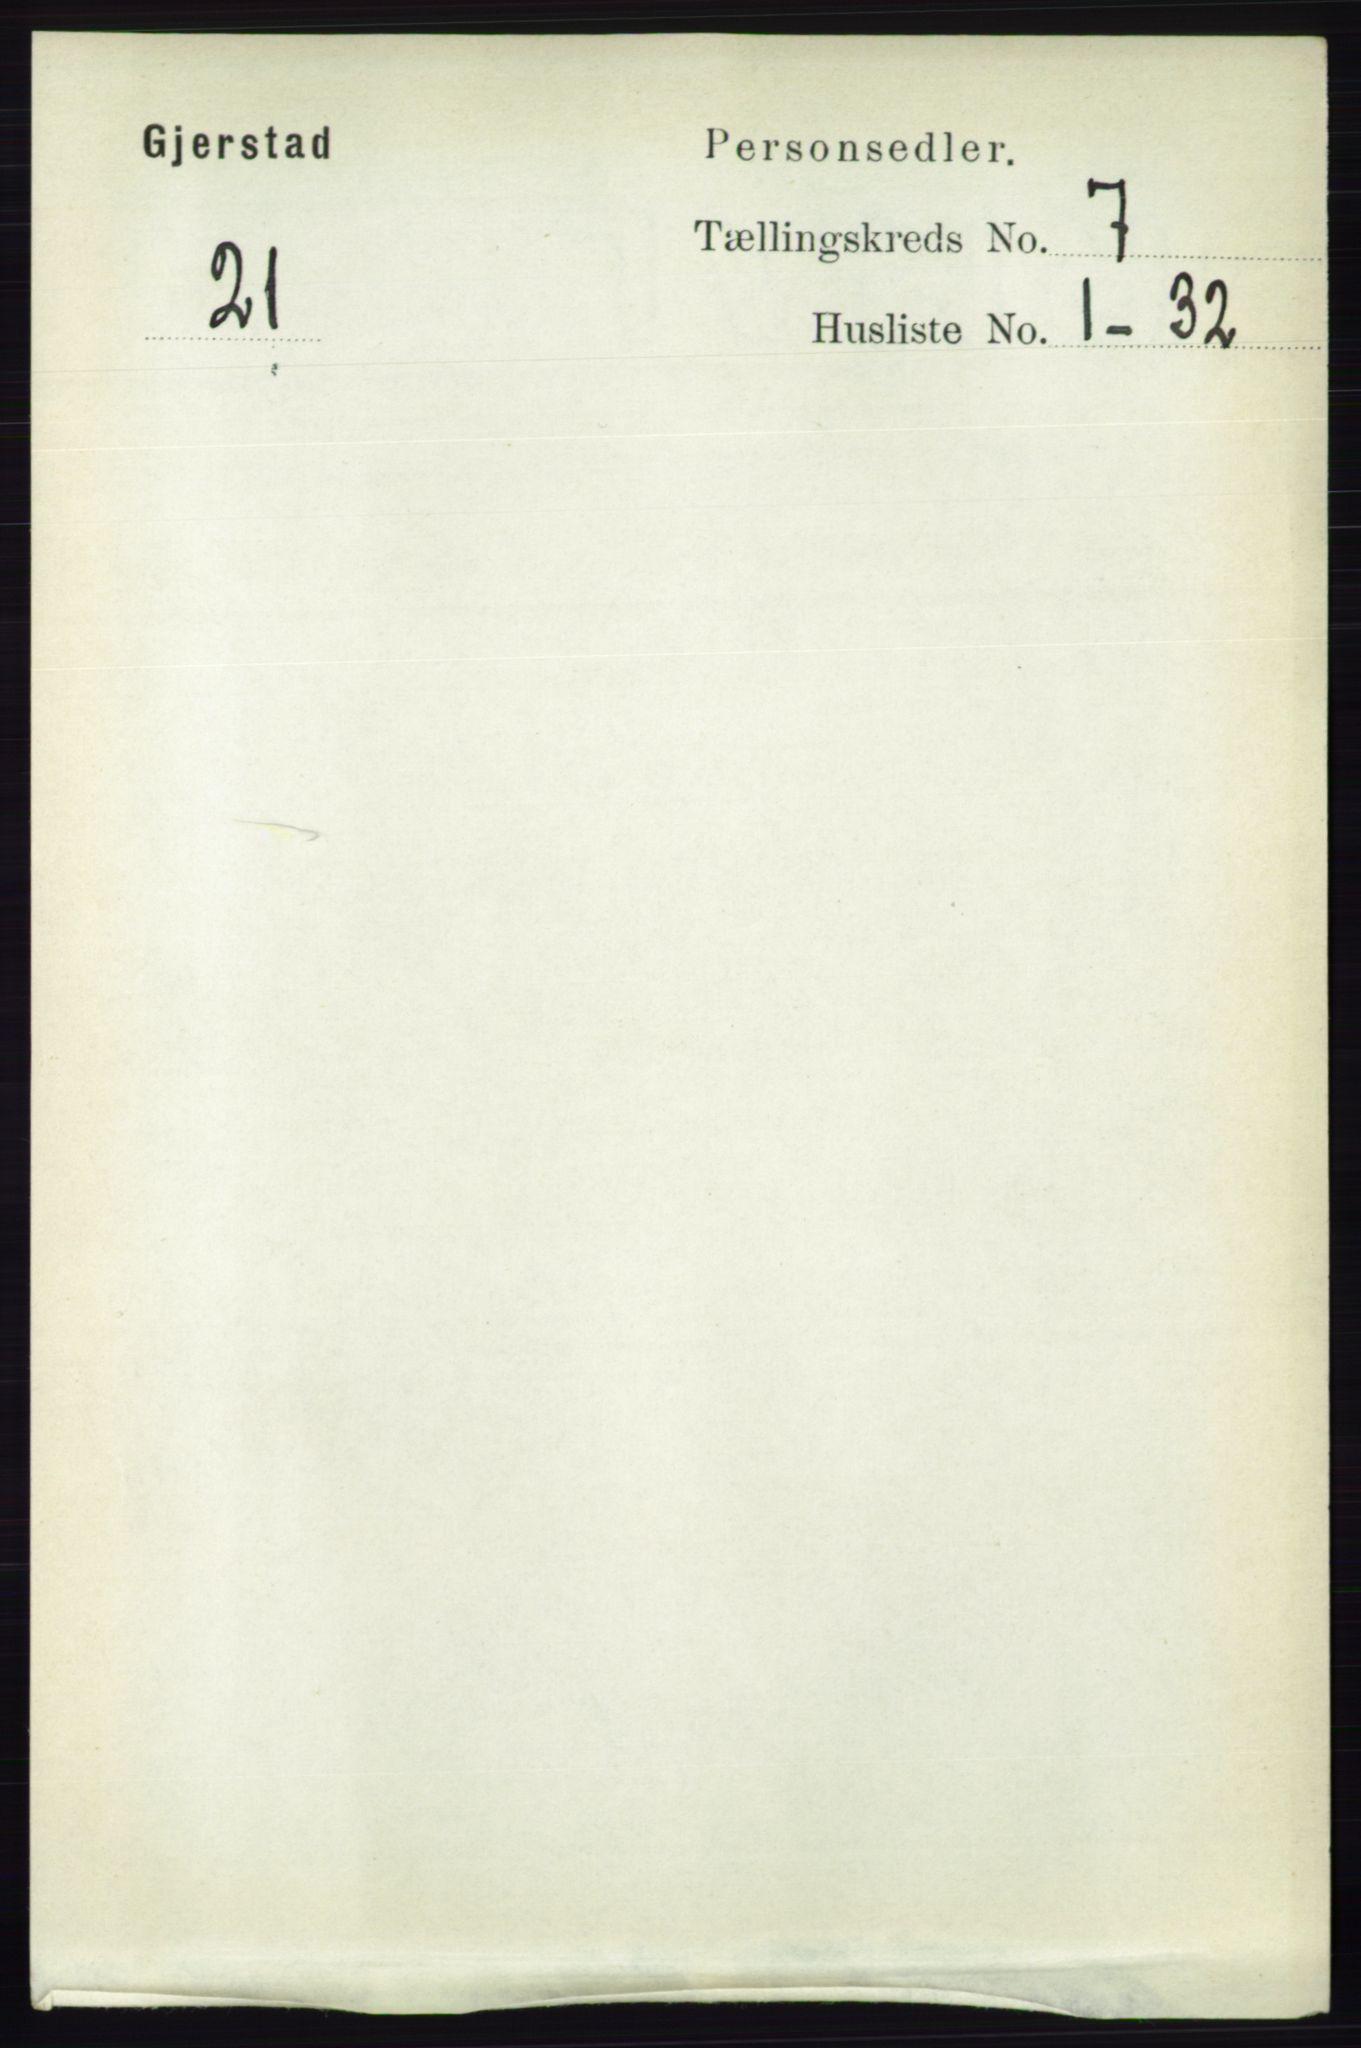 RA, Folketelling 1891 for 0911 Gjerstad herred, 1891, s. 2728